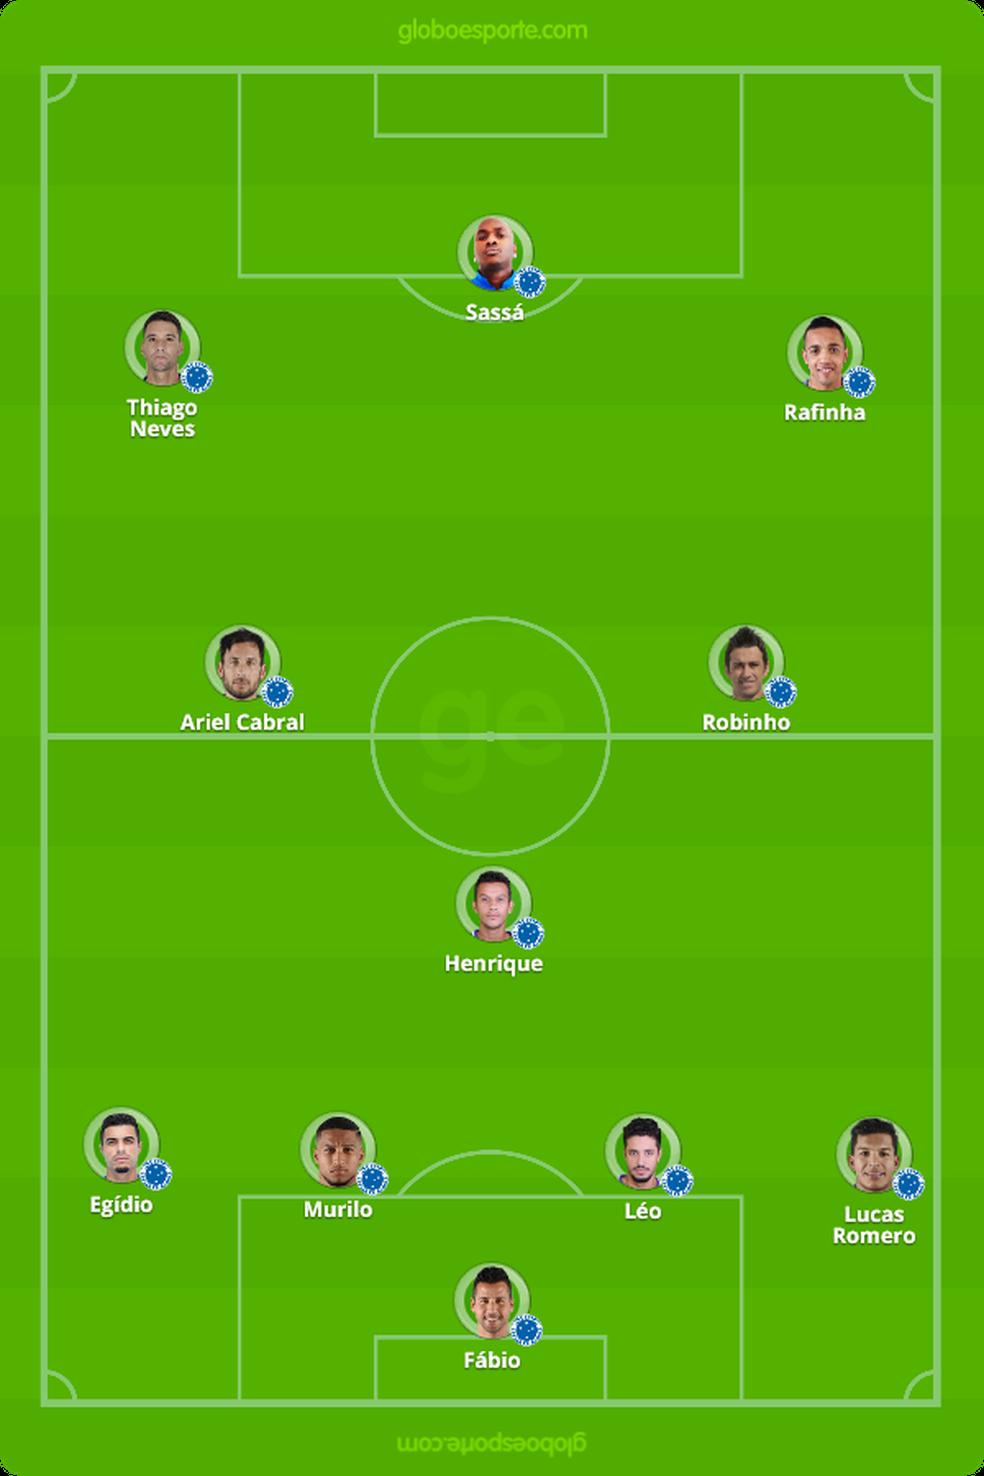 Provável escalação do Cruzeiro para enfrentar o Vasco (Foto: GloboEsporte.com)